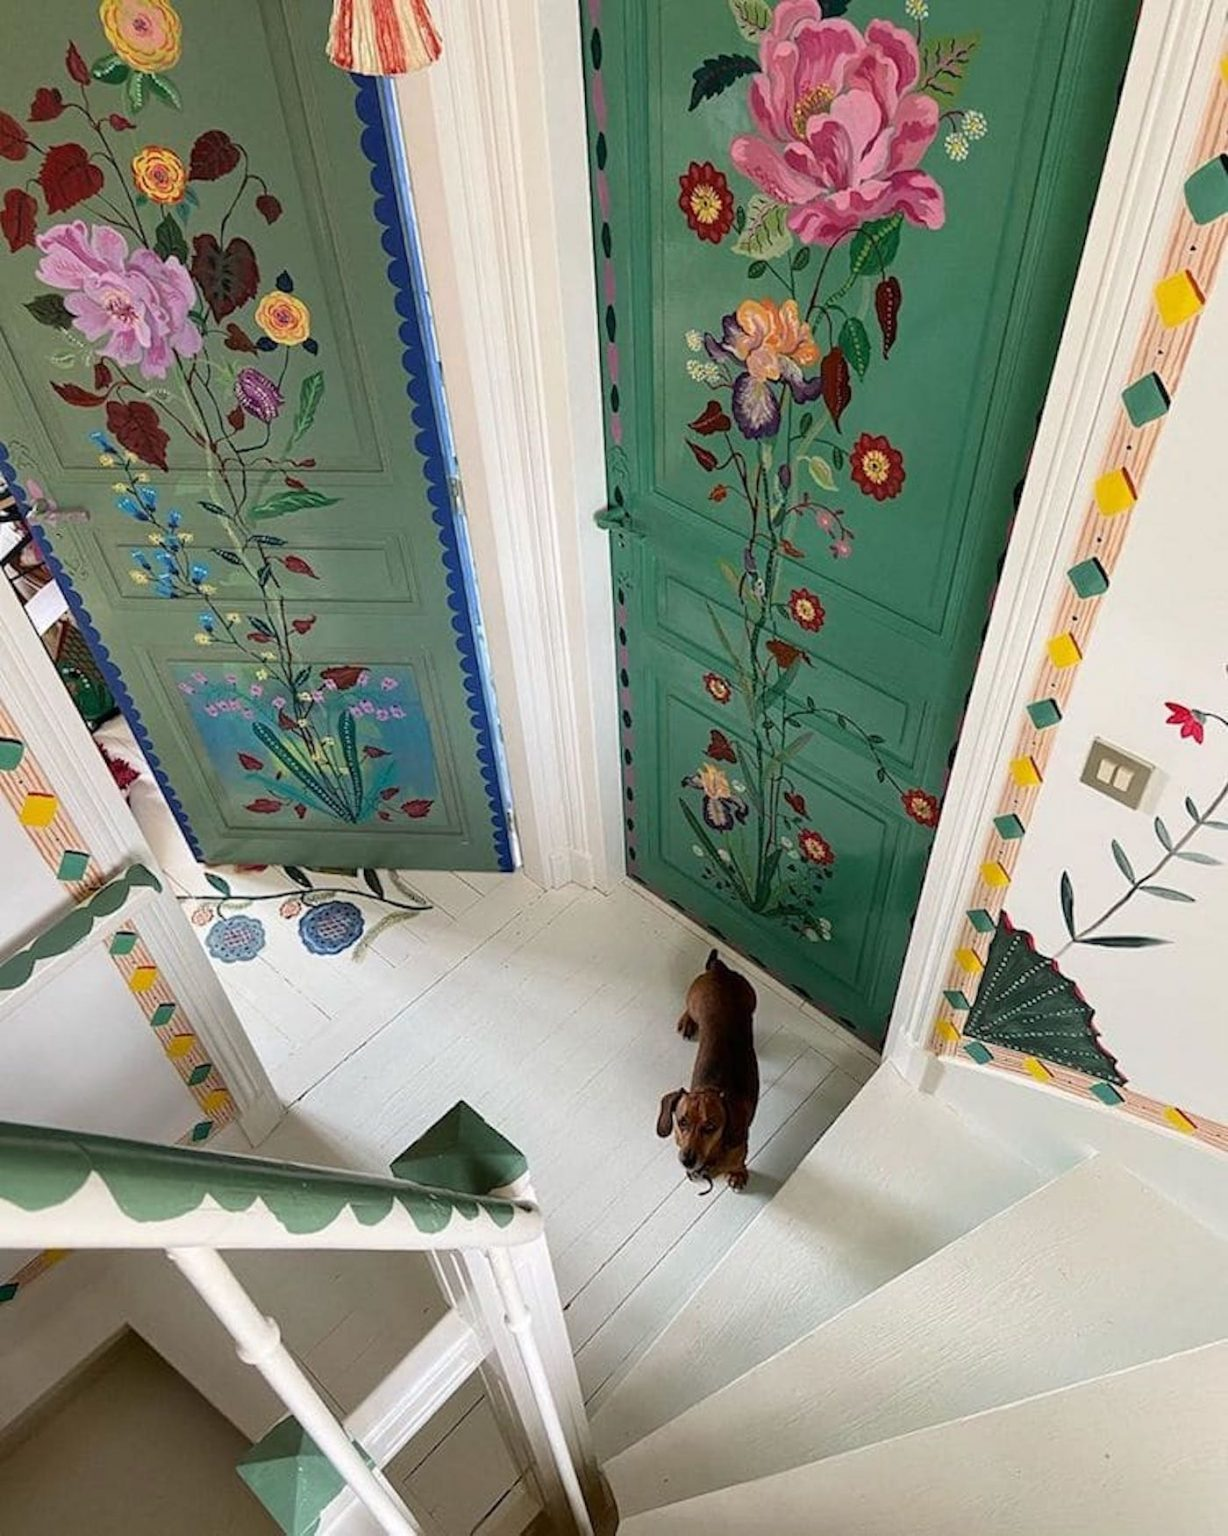 nathalie-lete-peintre-maison-fleurs-8-1228x1536